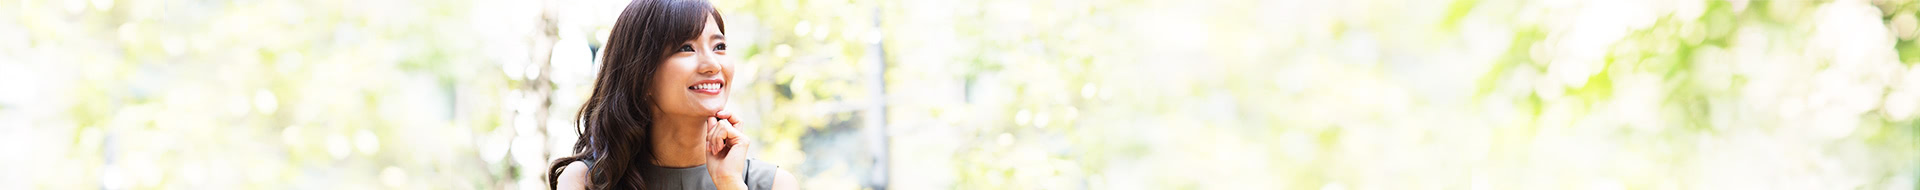 » 8/18 (土) 午後 高年収女子のためのスマート投資術のメインビジュアル